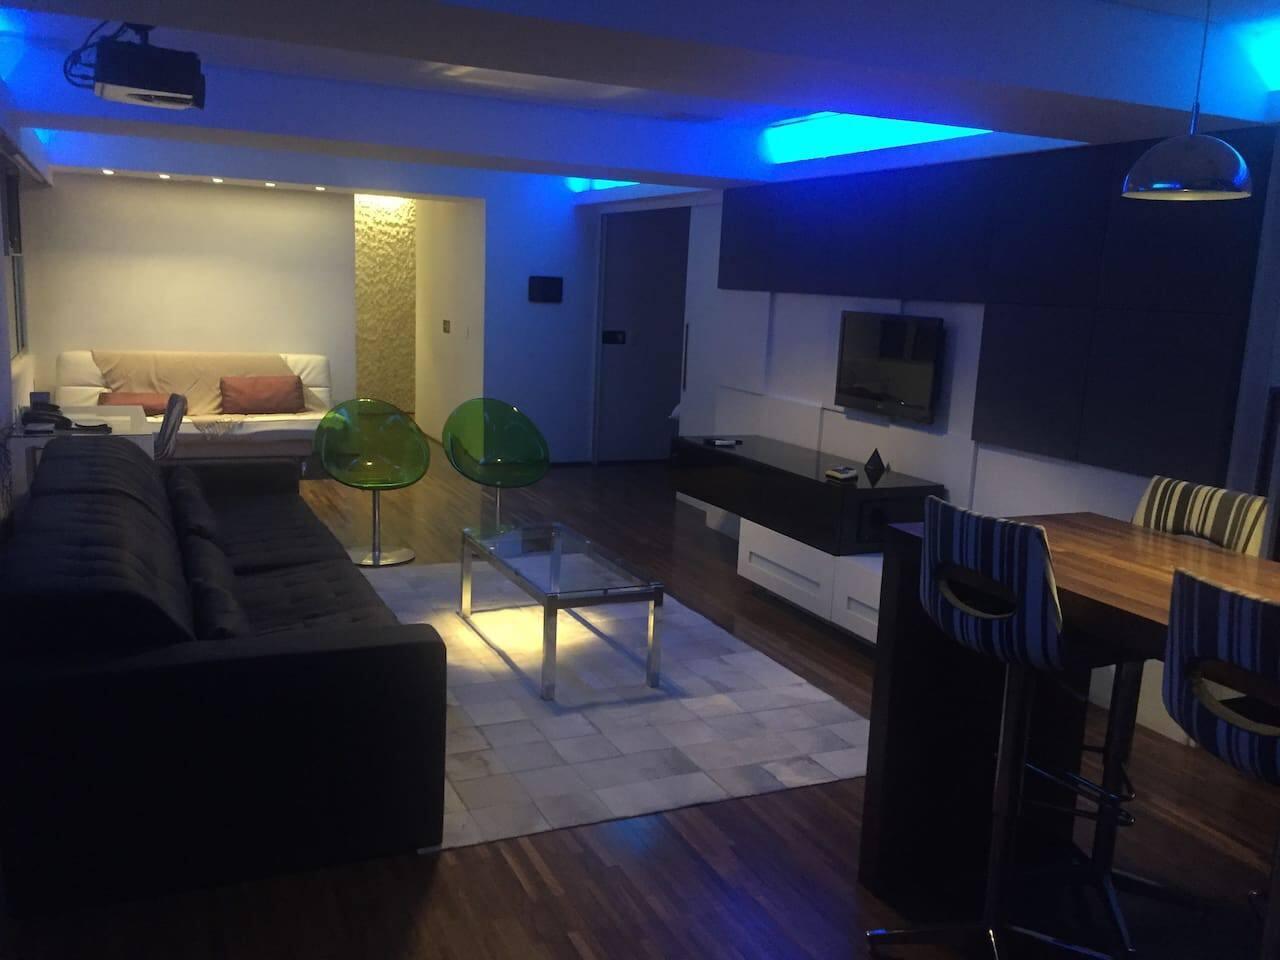 Ampla sala com TV, mesa com 6 lugares, sofá de 4 lugares, sofá cama ao fundo (modo noturno)